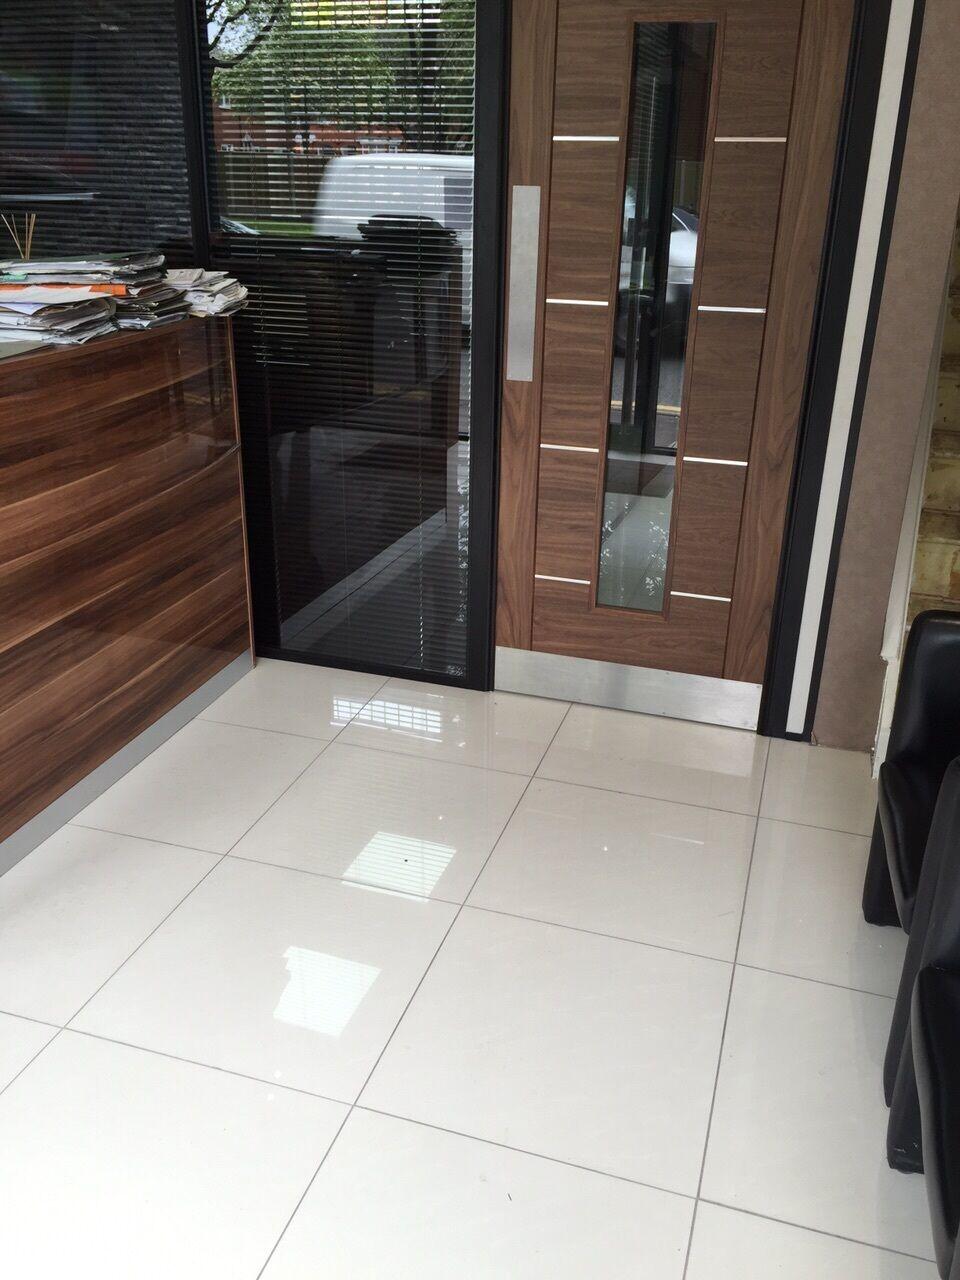 Off White 60x60 Polished Porcelain Tile For Bathroom Kitchen Pre Sealed Sample